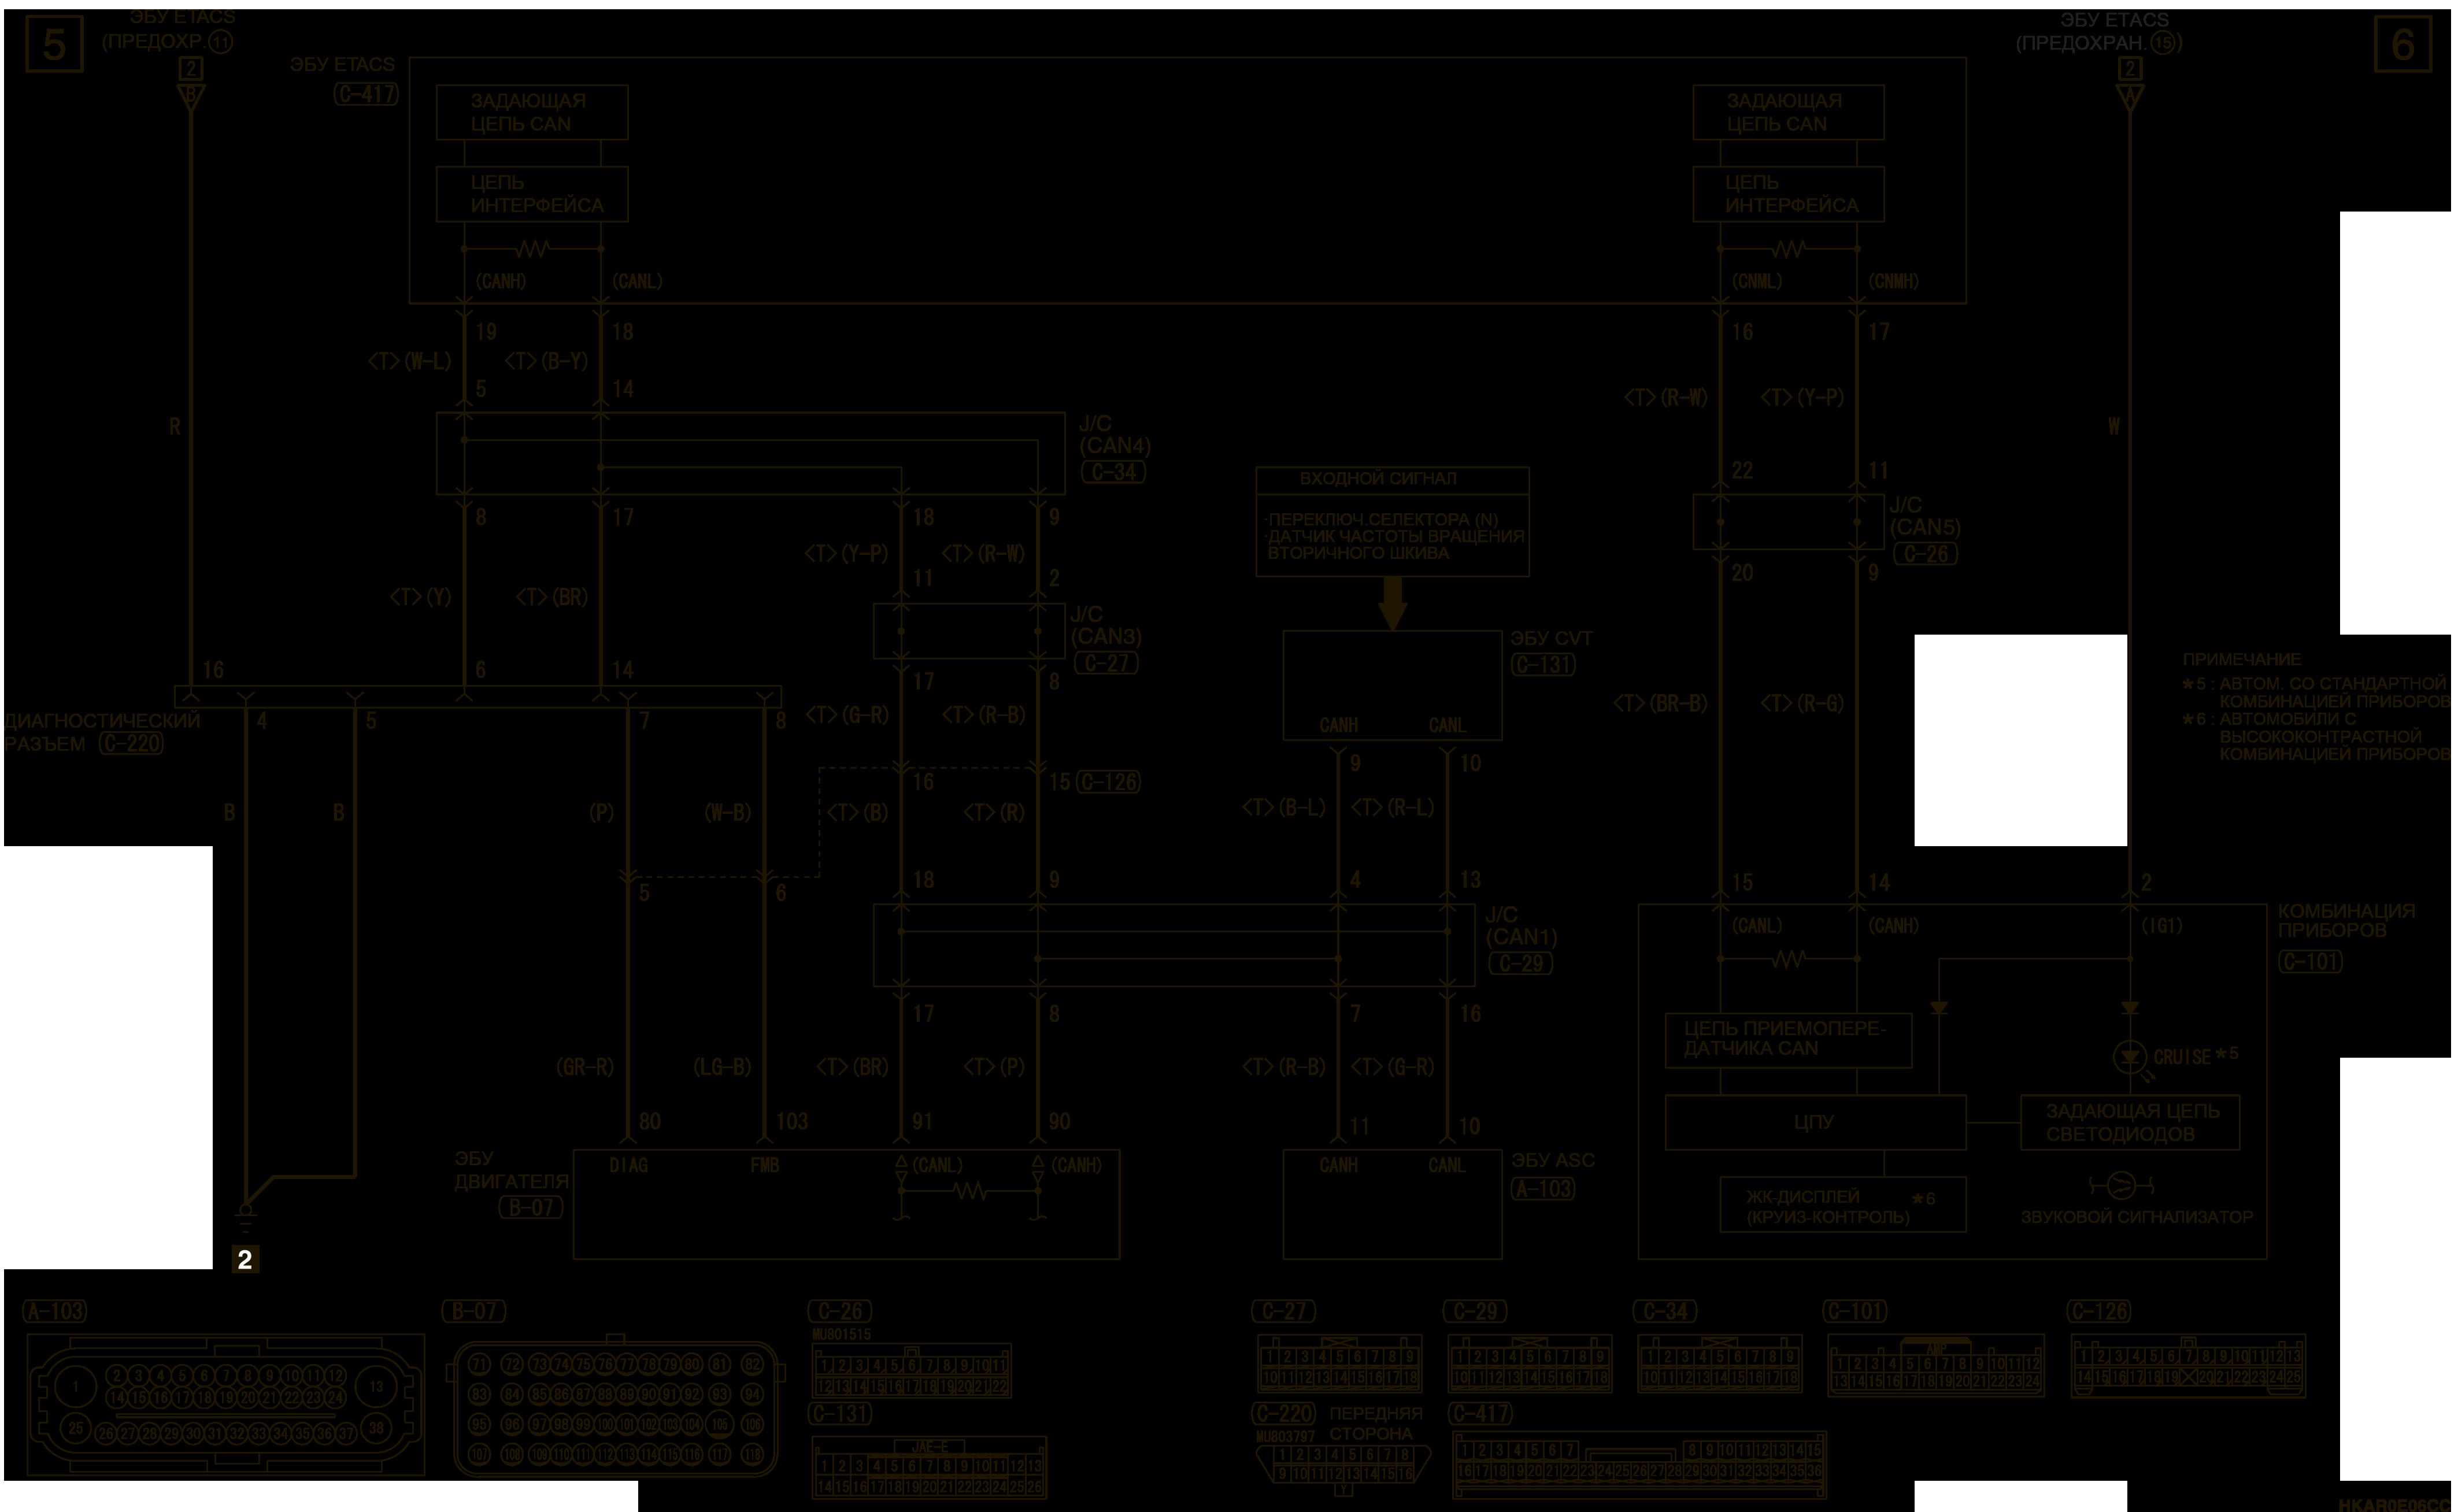 mmc аутлендер 3 2019 электросхемаКРУИЗ-КОНТРОЛЬ ПРАВОСТОРОННЕЕ УПРАВЛЕНИЕ